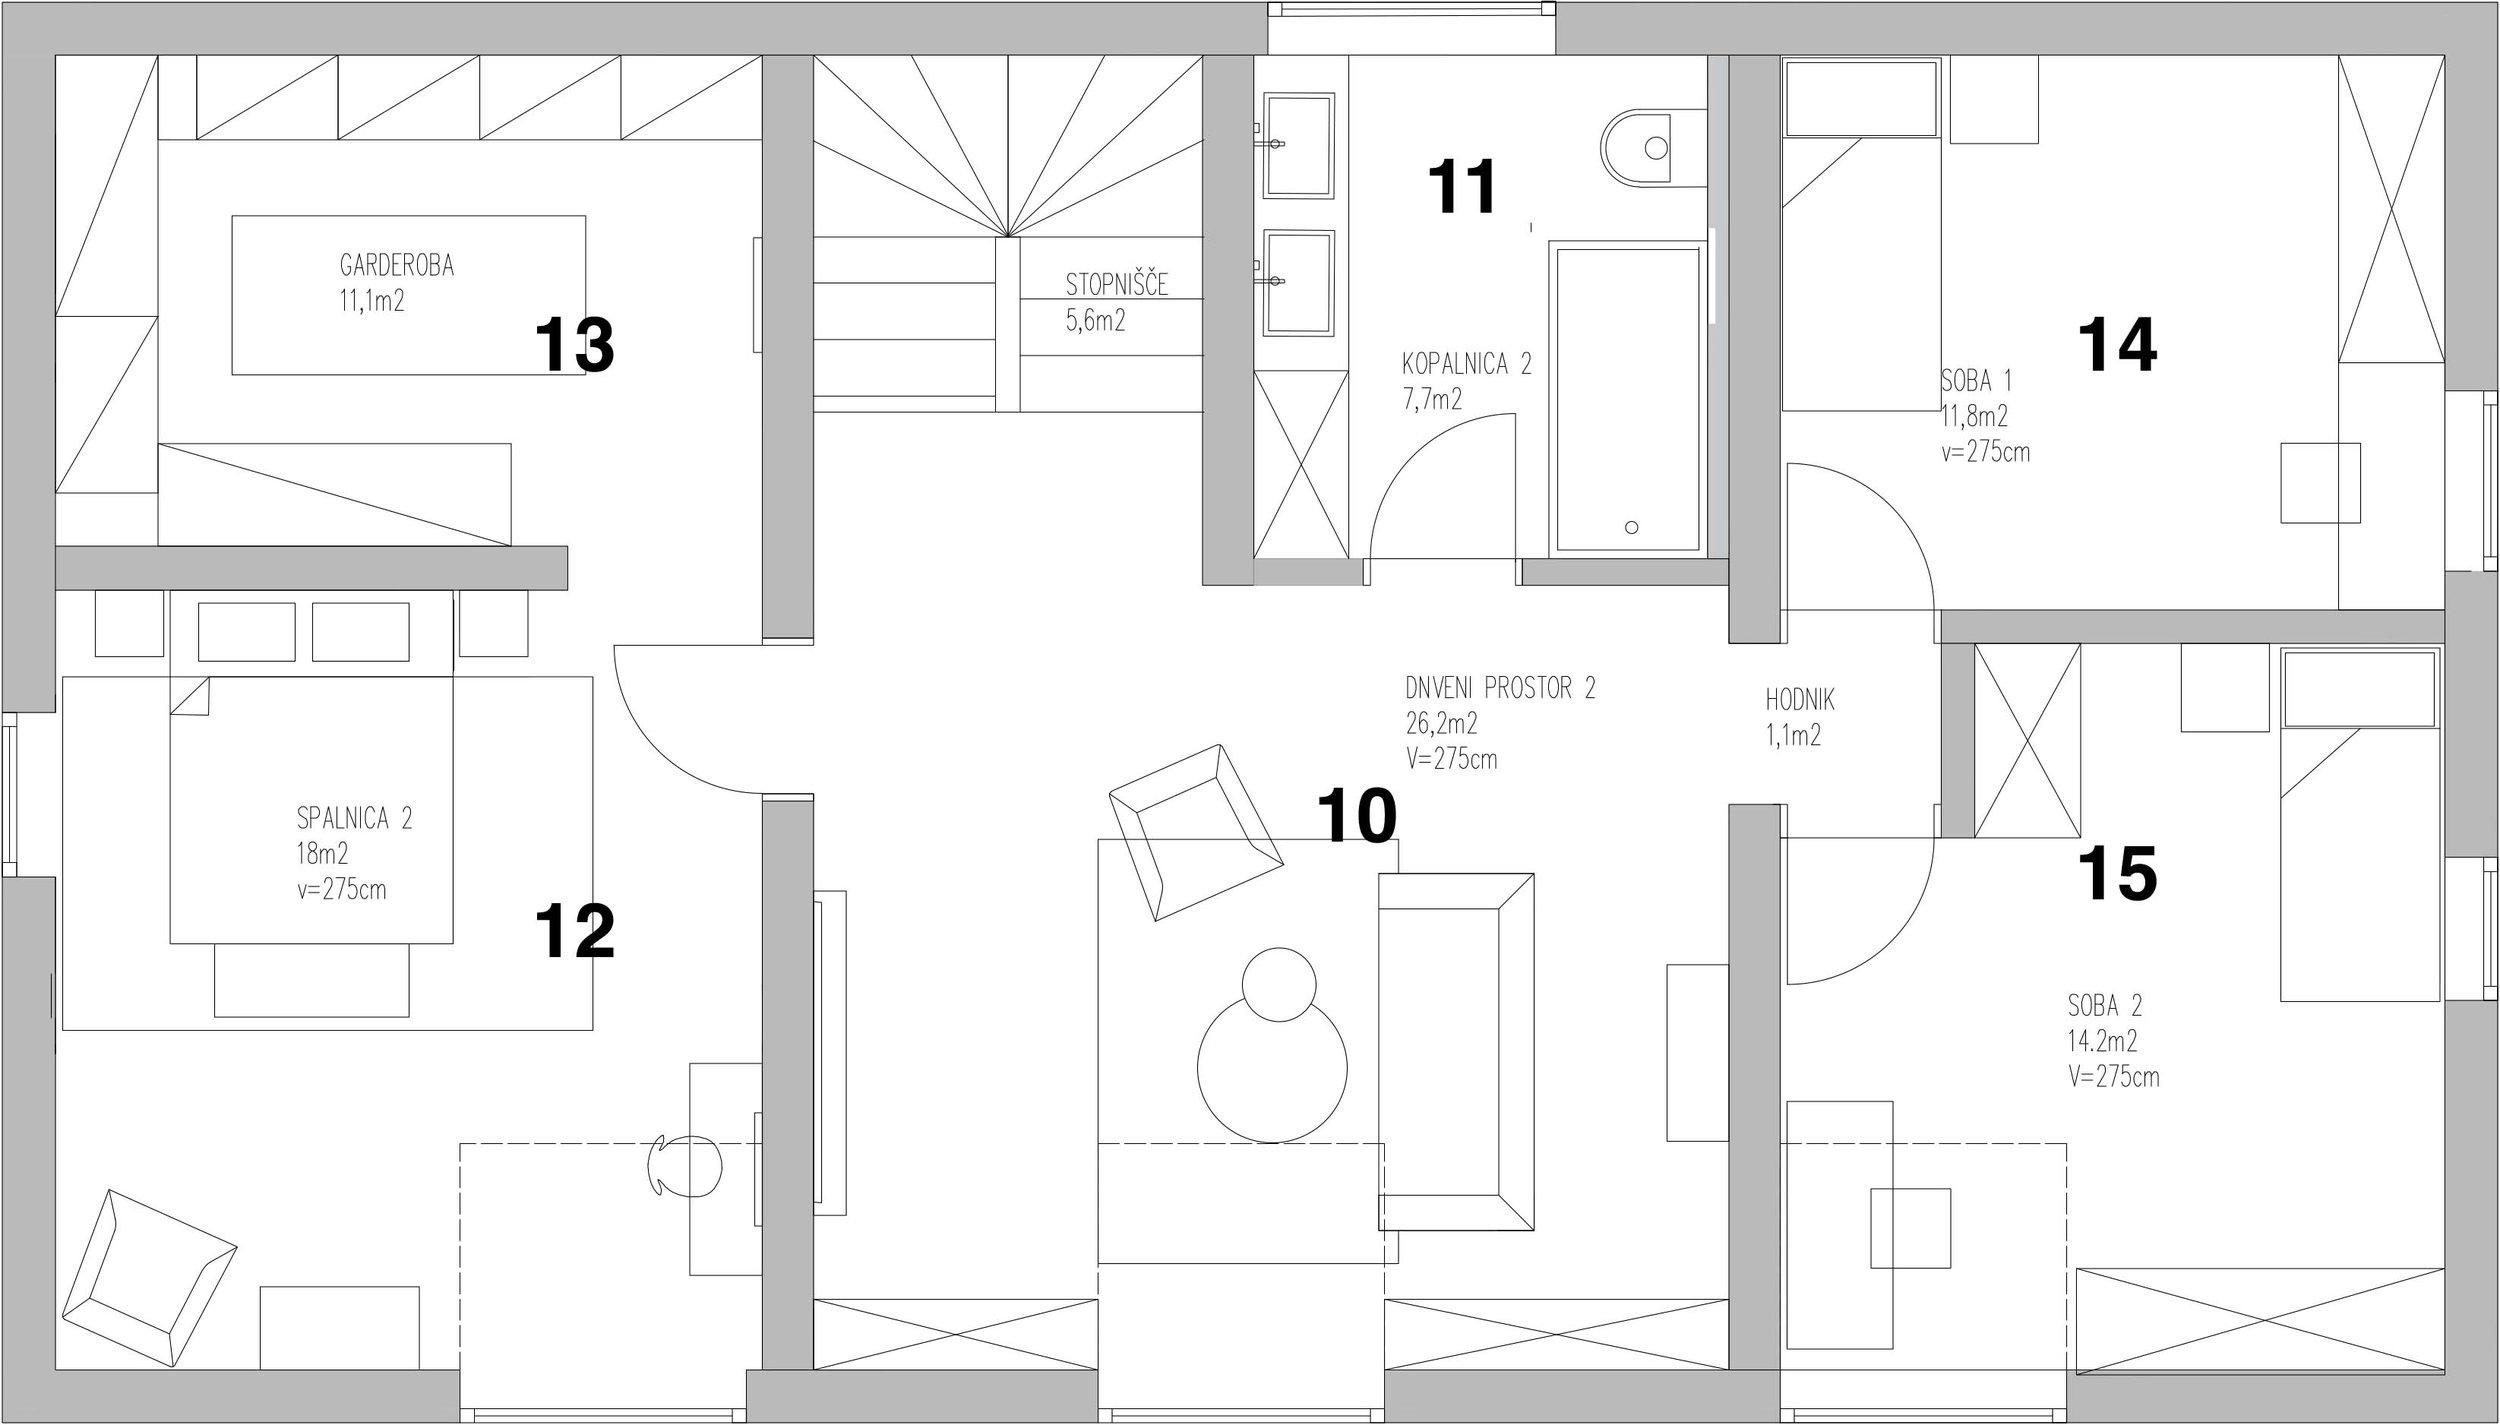 Attic - 10. Living room 211. Bathroom 212. Bedroom 113. Walk in closet14. Bedroom 215. bedroom 3